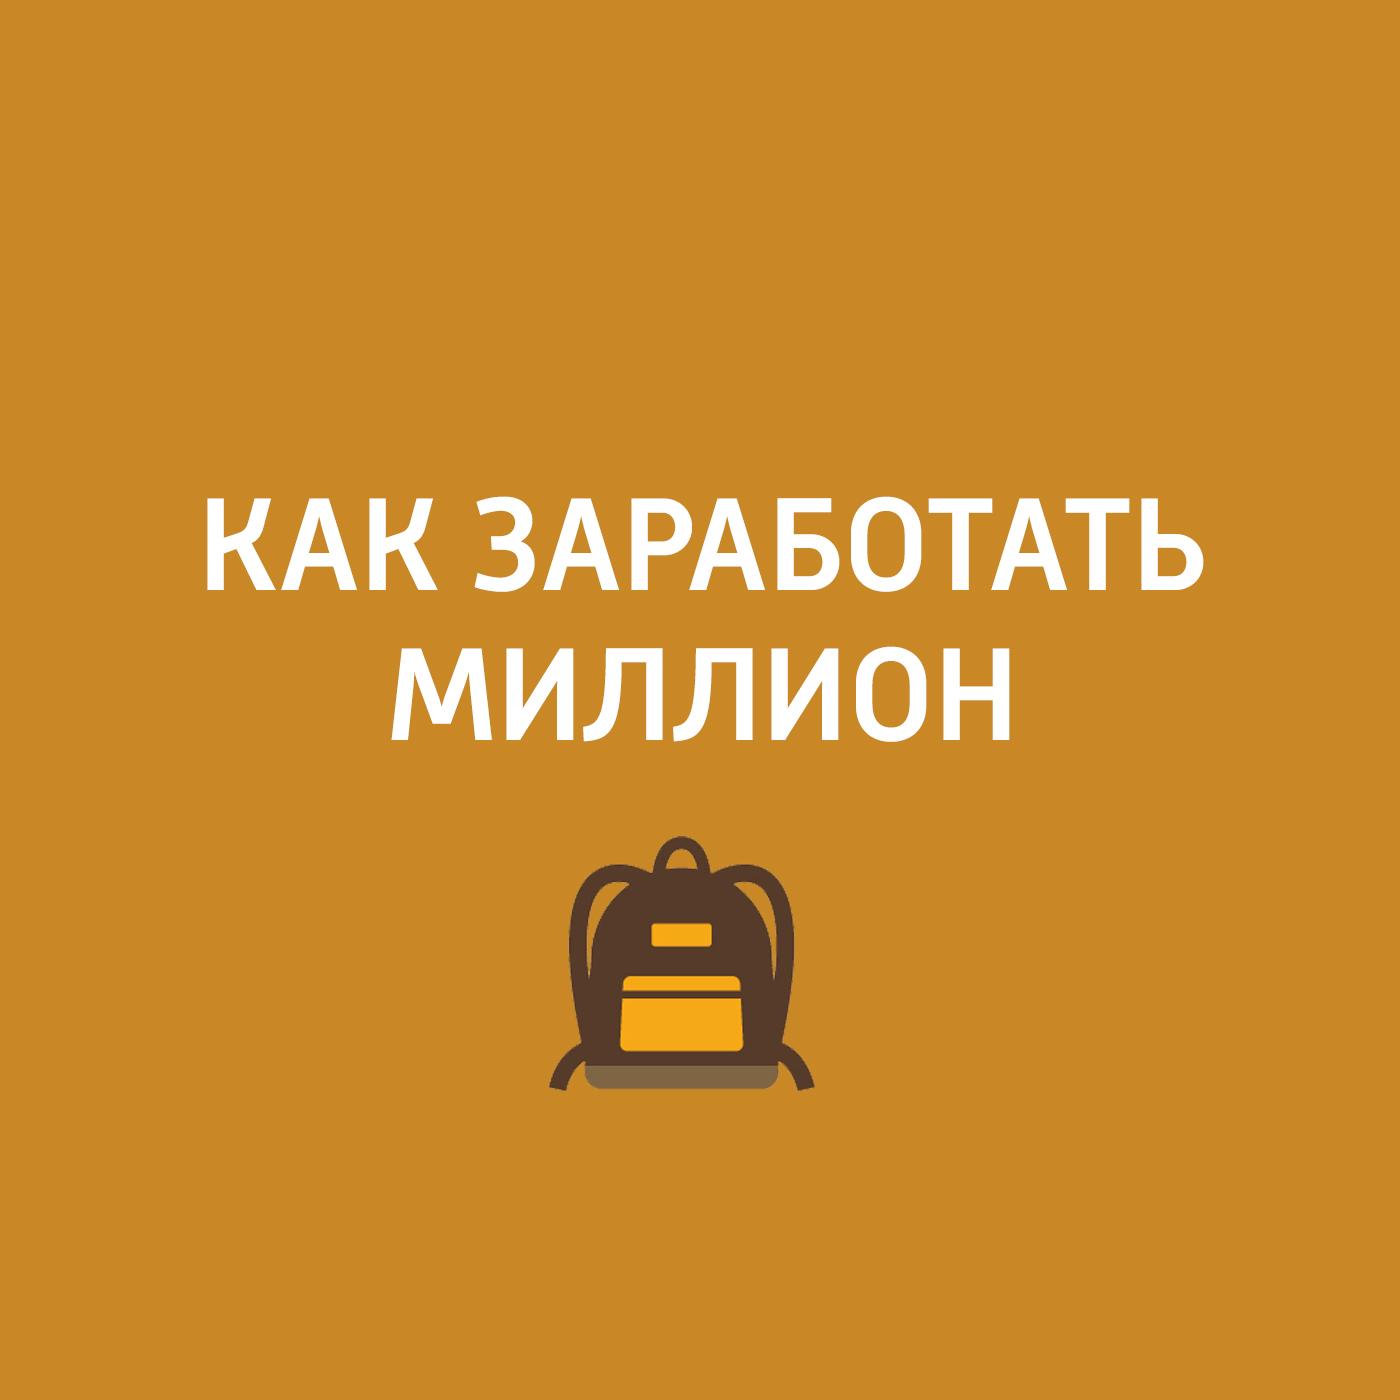 Творческий коллектив шоу «Сергей Стиллавин и его друзья» Готлиб Шварц